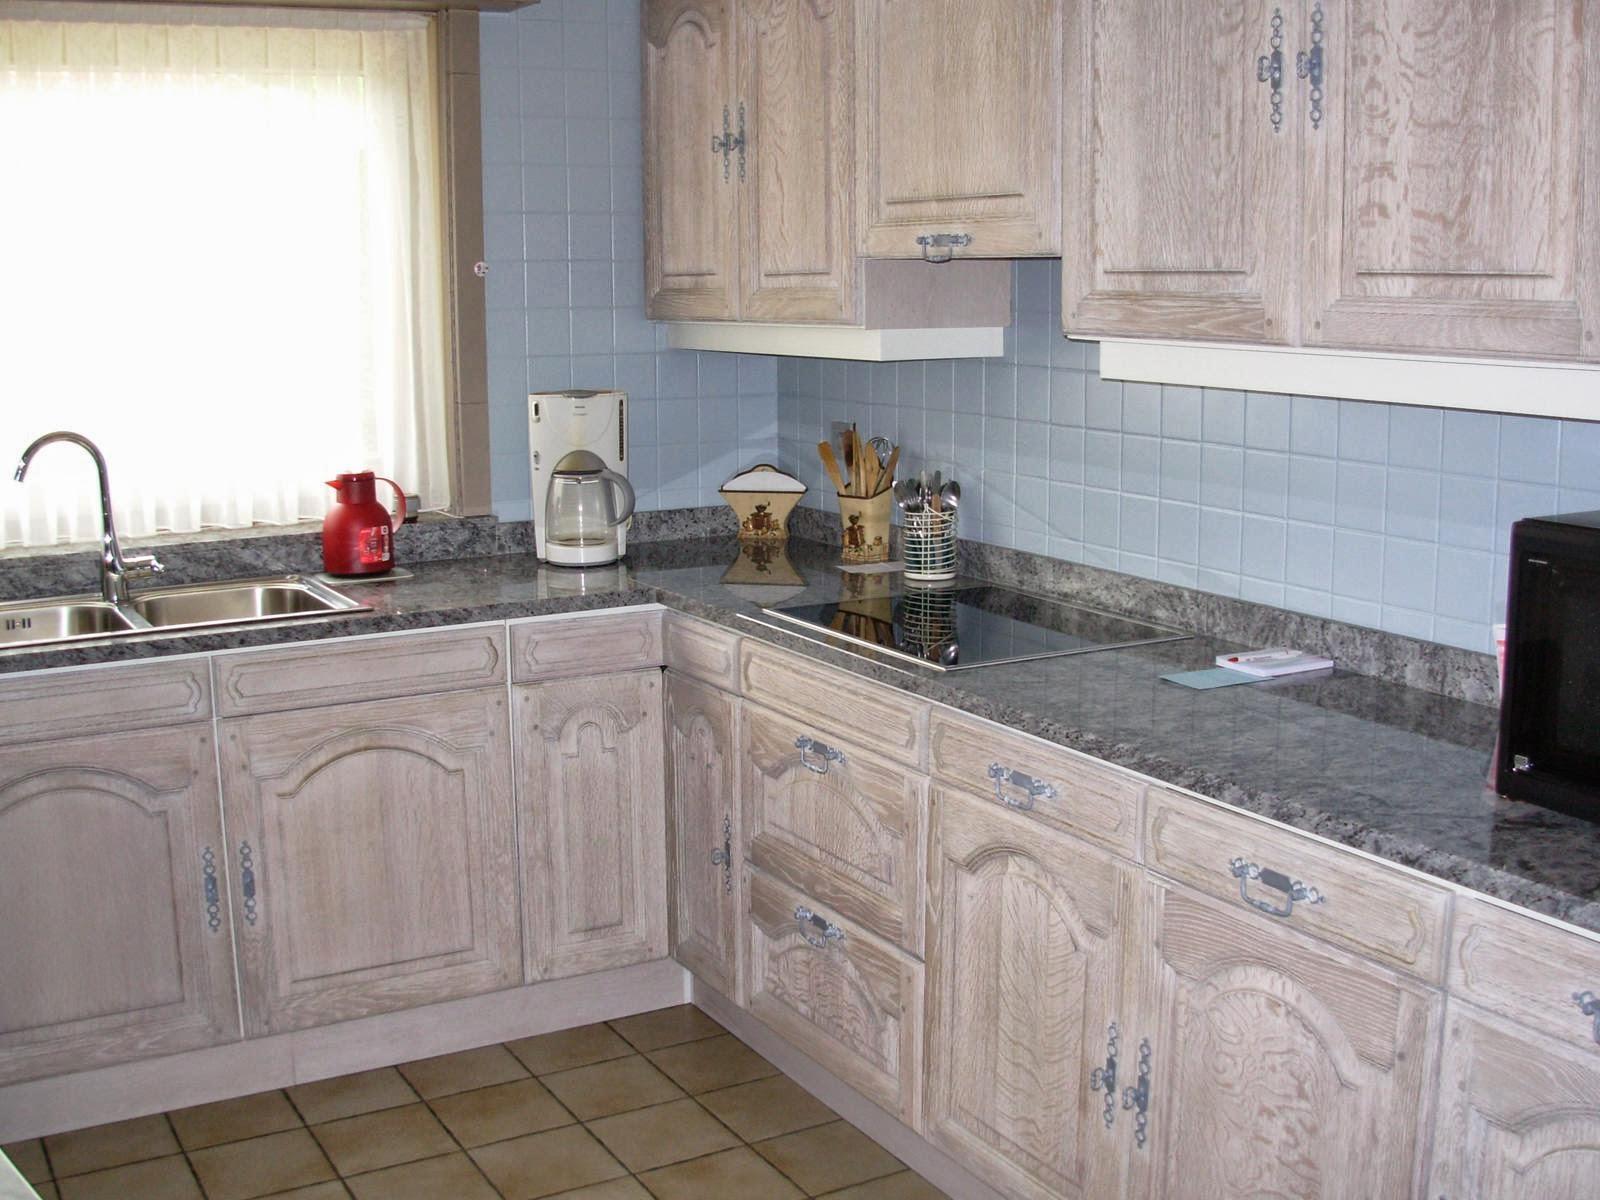 Oude Keuken Renoveren – Atumre com